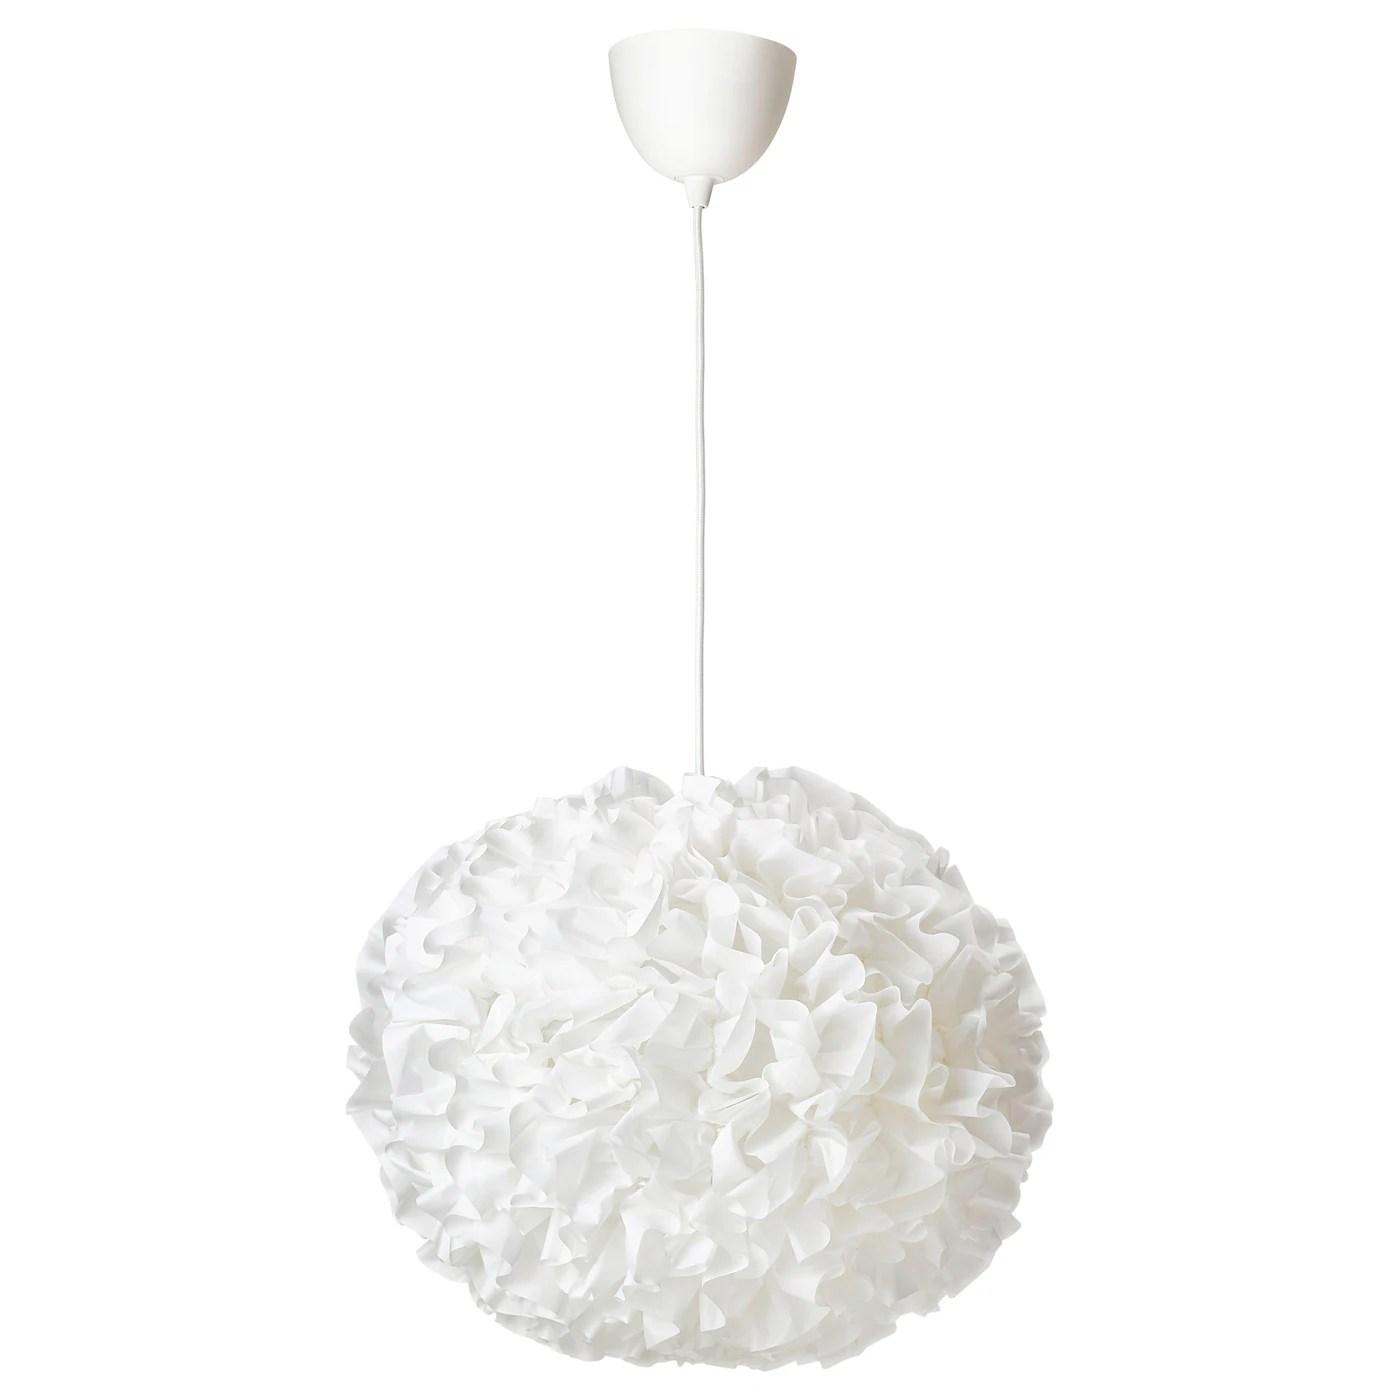 Vindkast Loftlampe Hvid Ikea